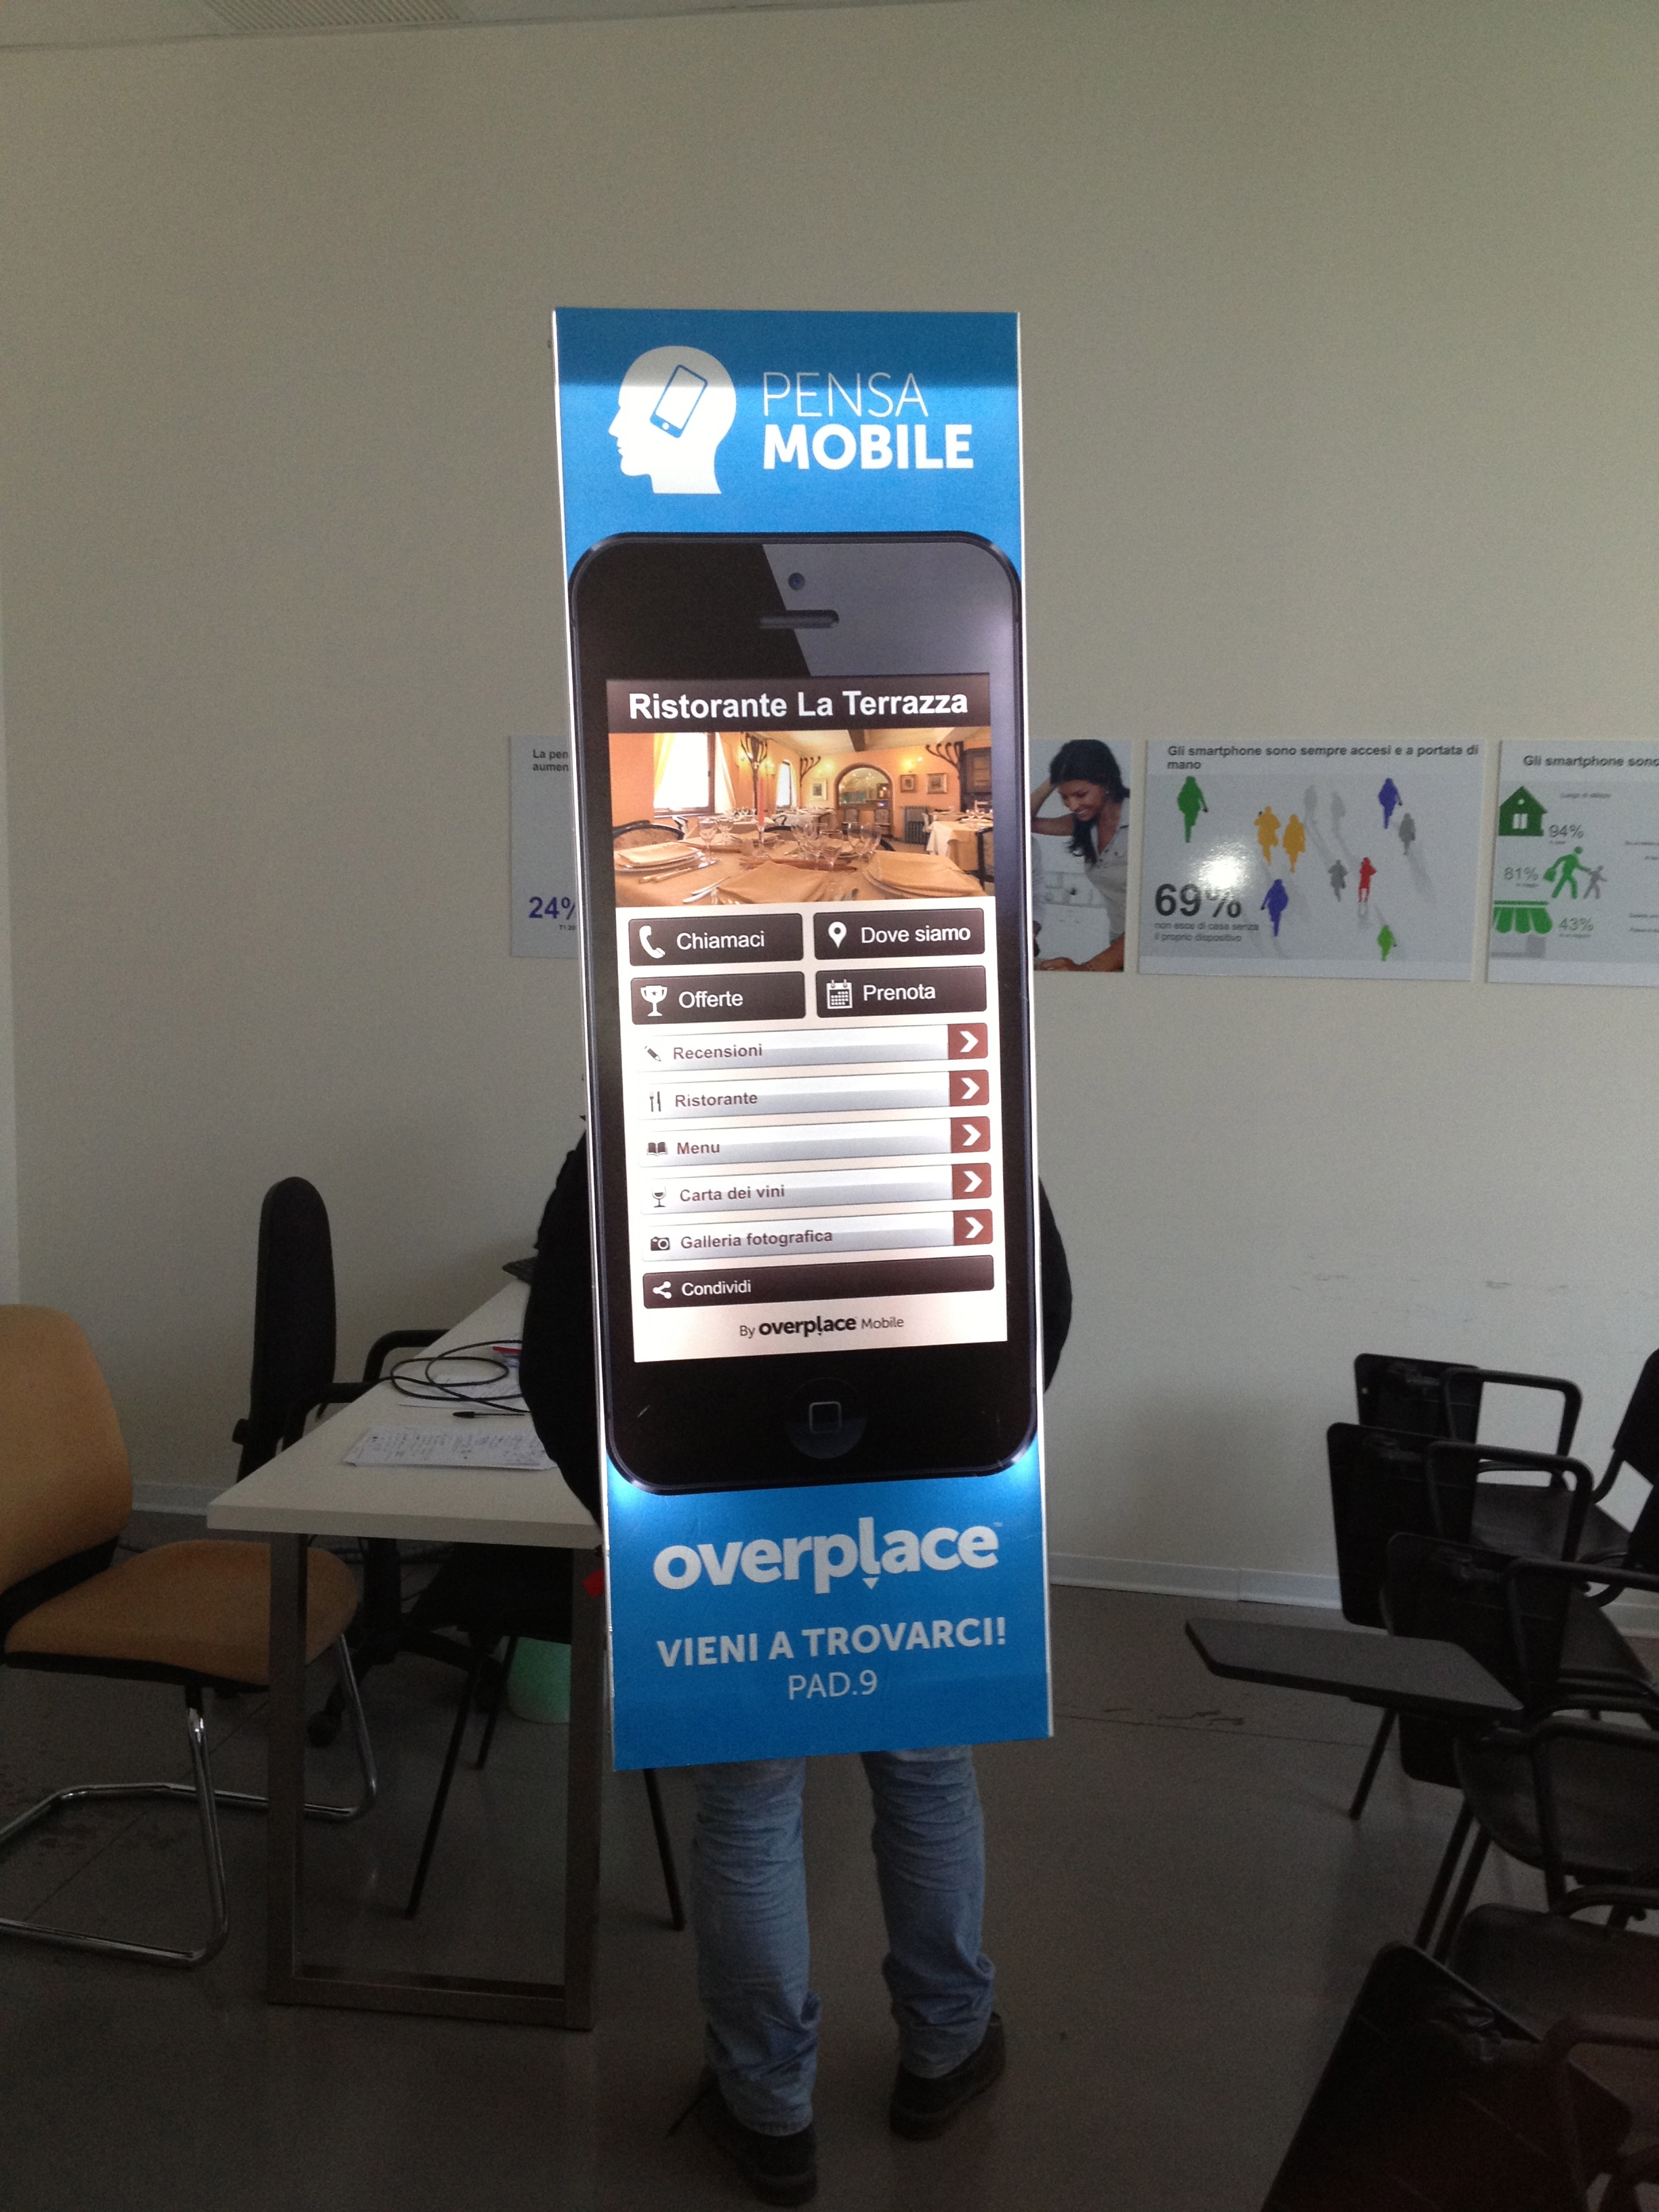 Overplace, ecco il Tour Pensa Mobile 2013